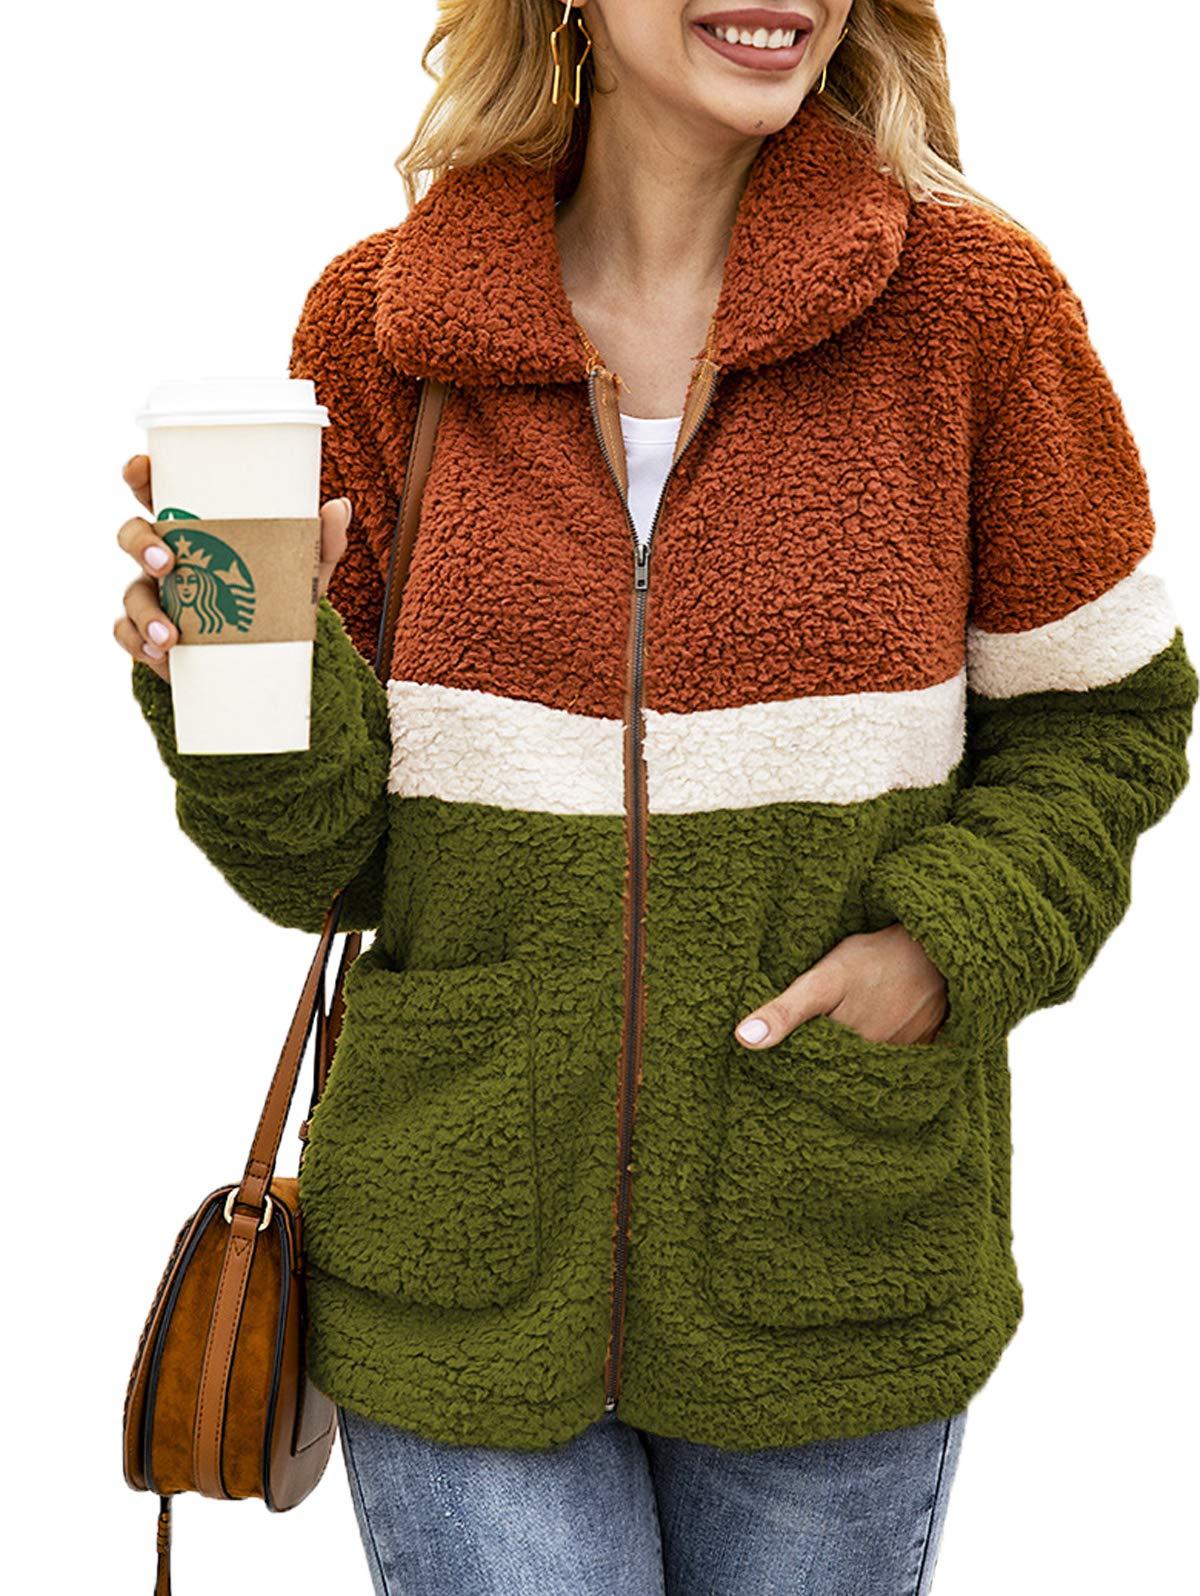 SWQZVT Womens Lapel Fleece Fuzzy Faux Zipper Outwear Jacket Warm Winter Button Down Coat with Pockets